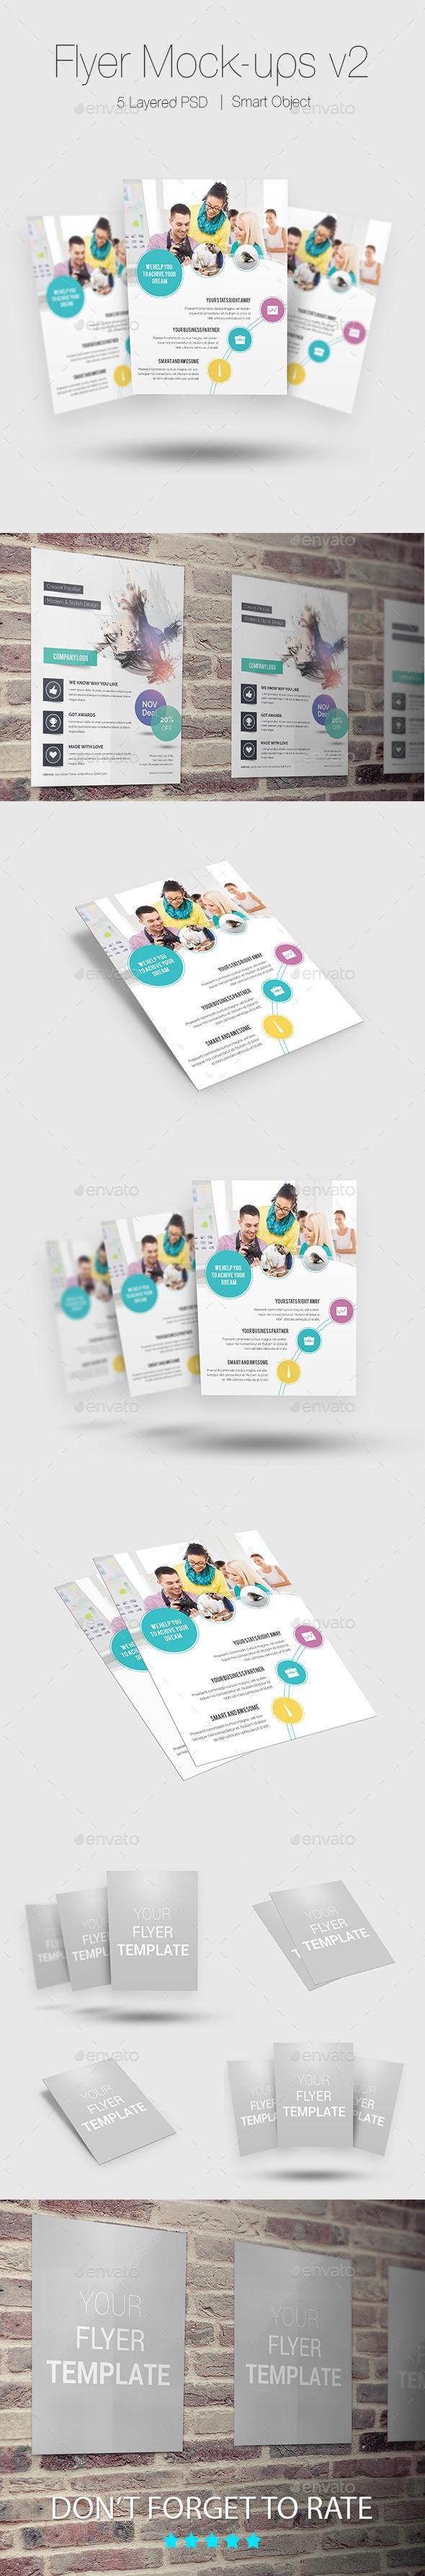 GraphicRiver Flyer Poster Mock-ups v2 10480444